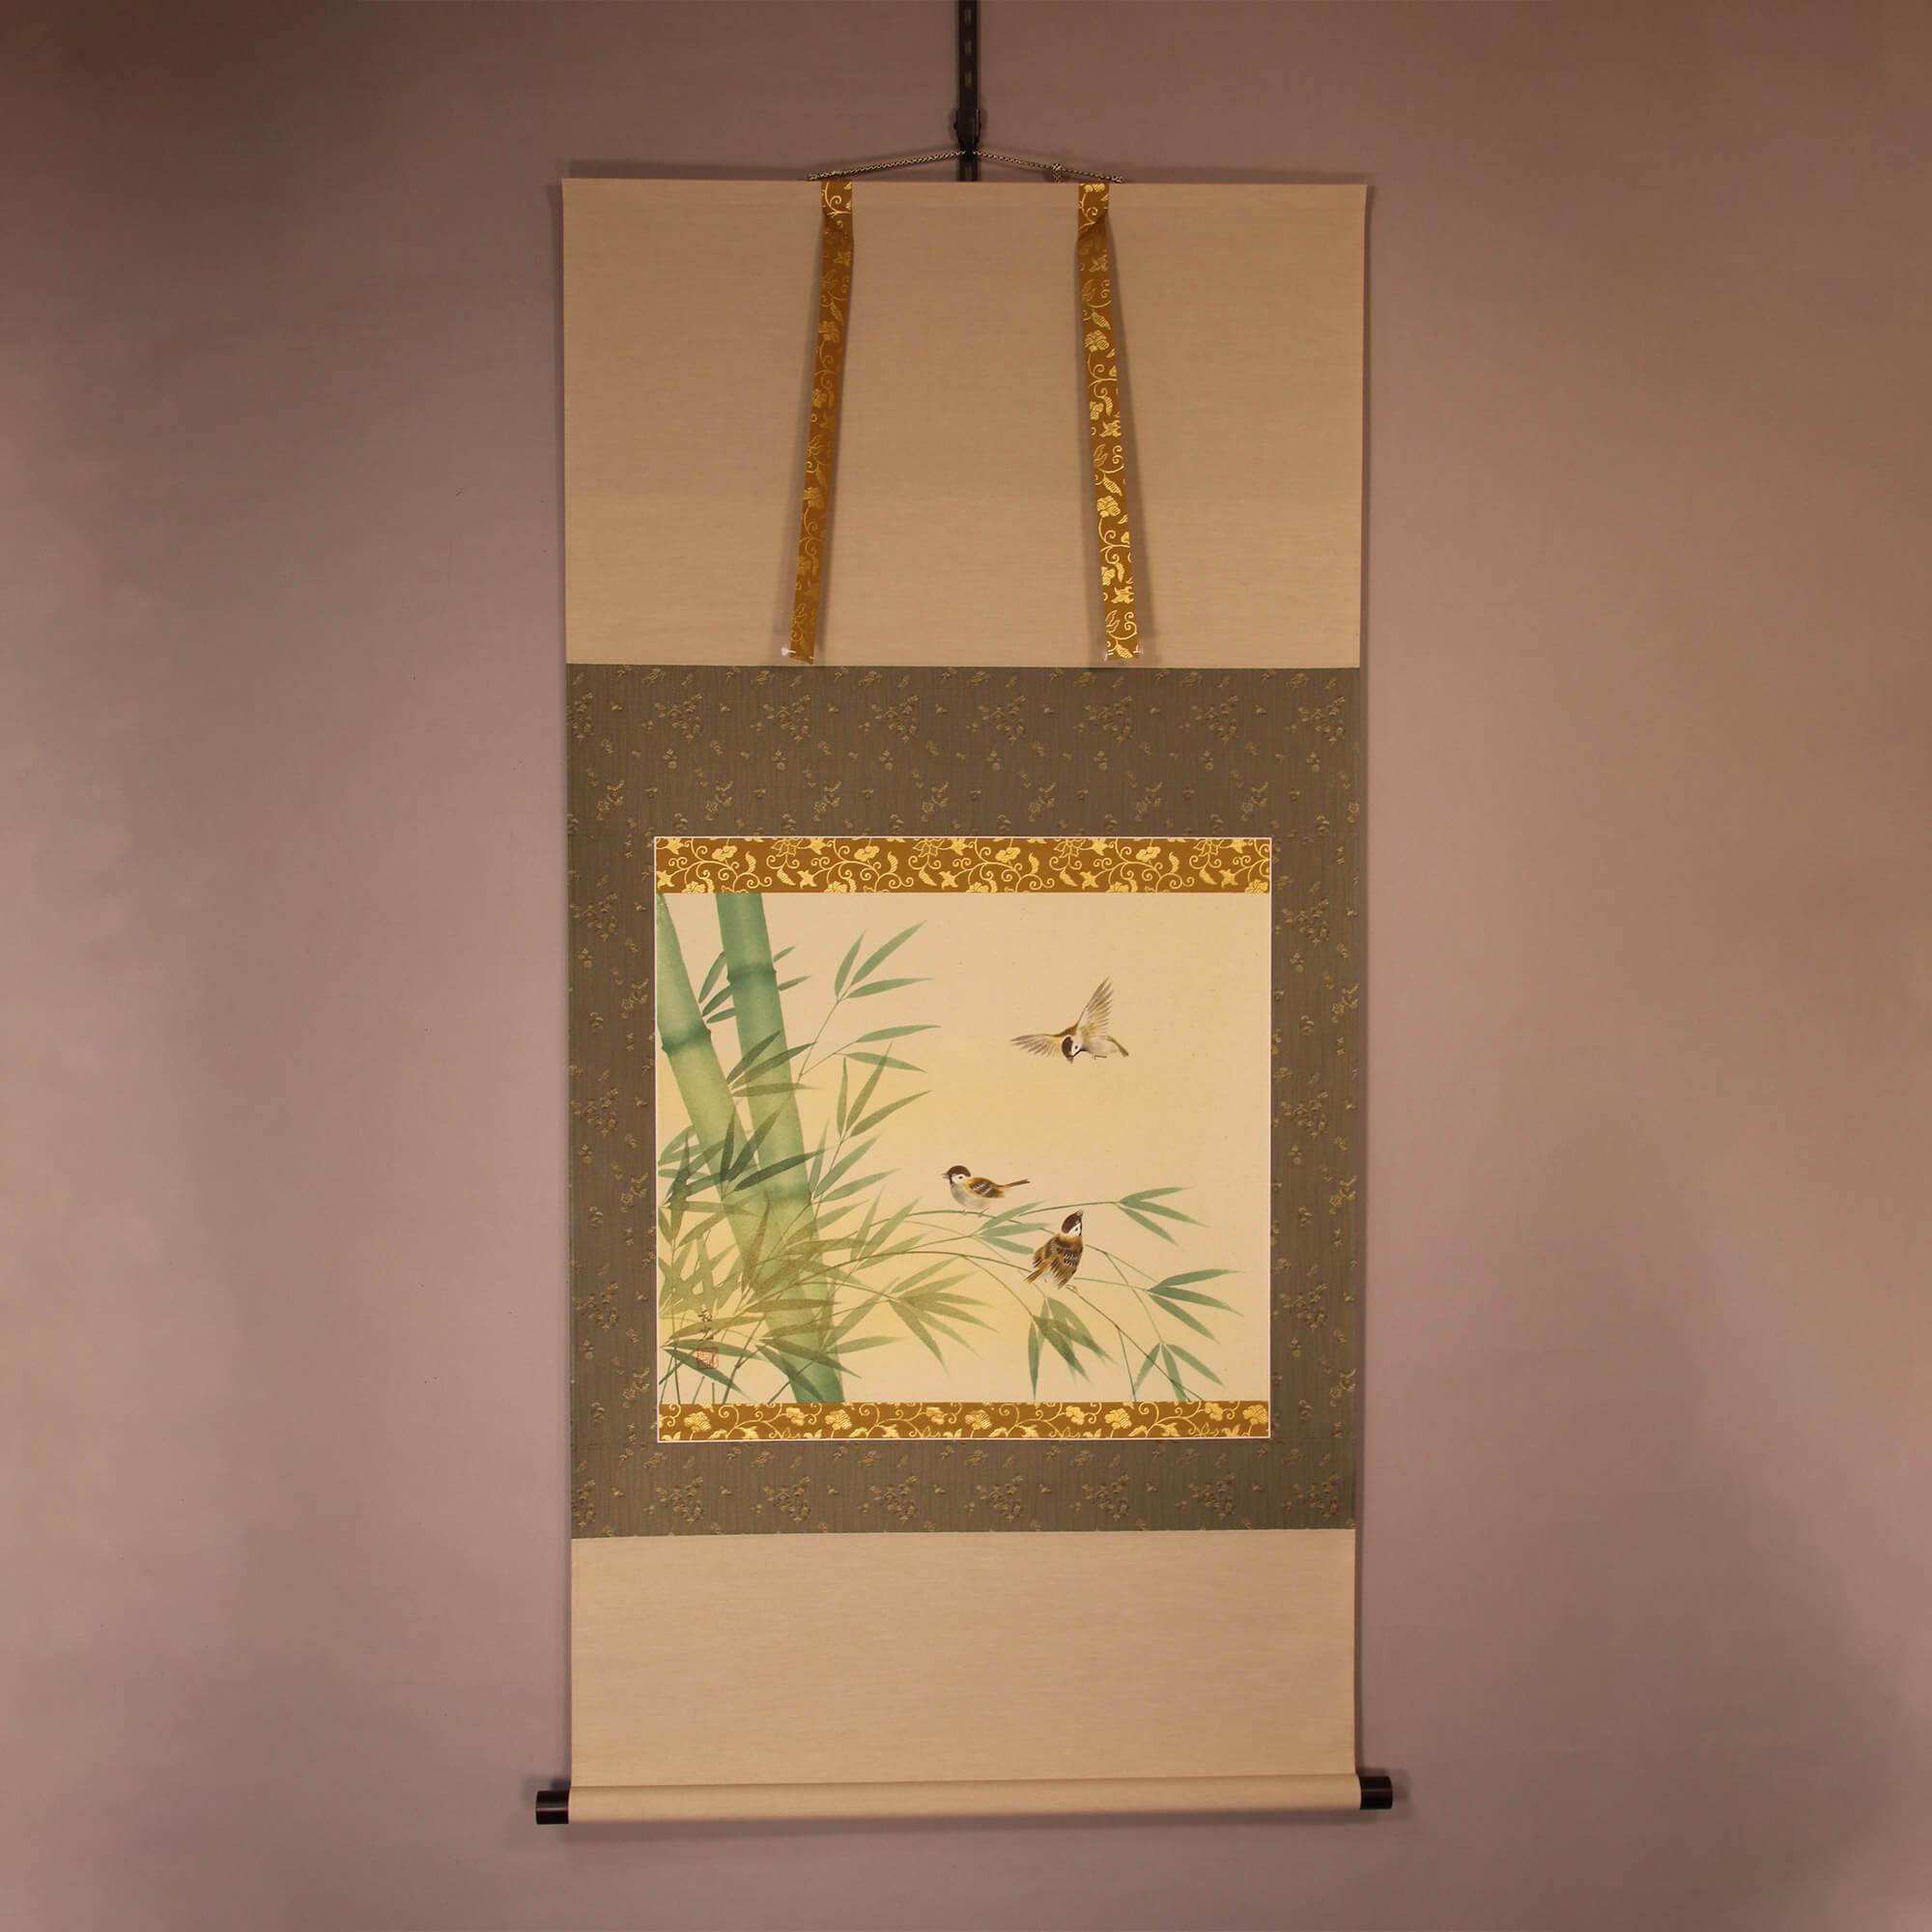 Bamboo and Sparrow / Miyake Wakō